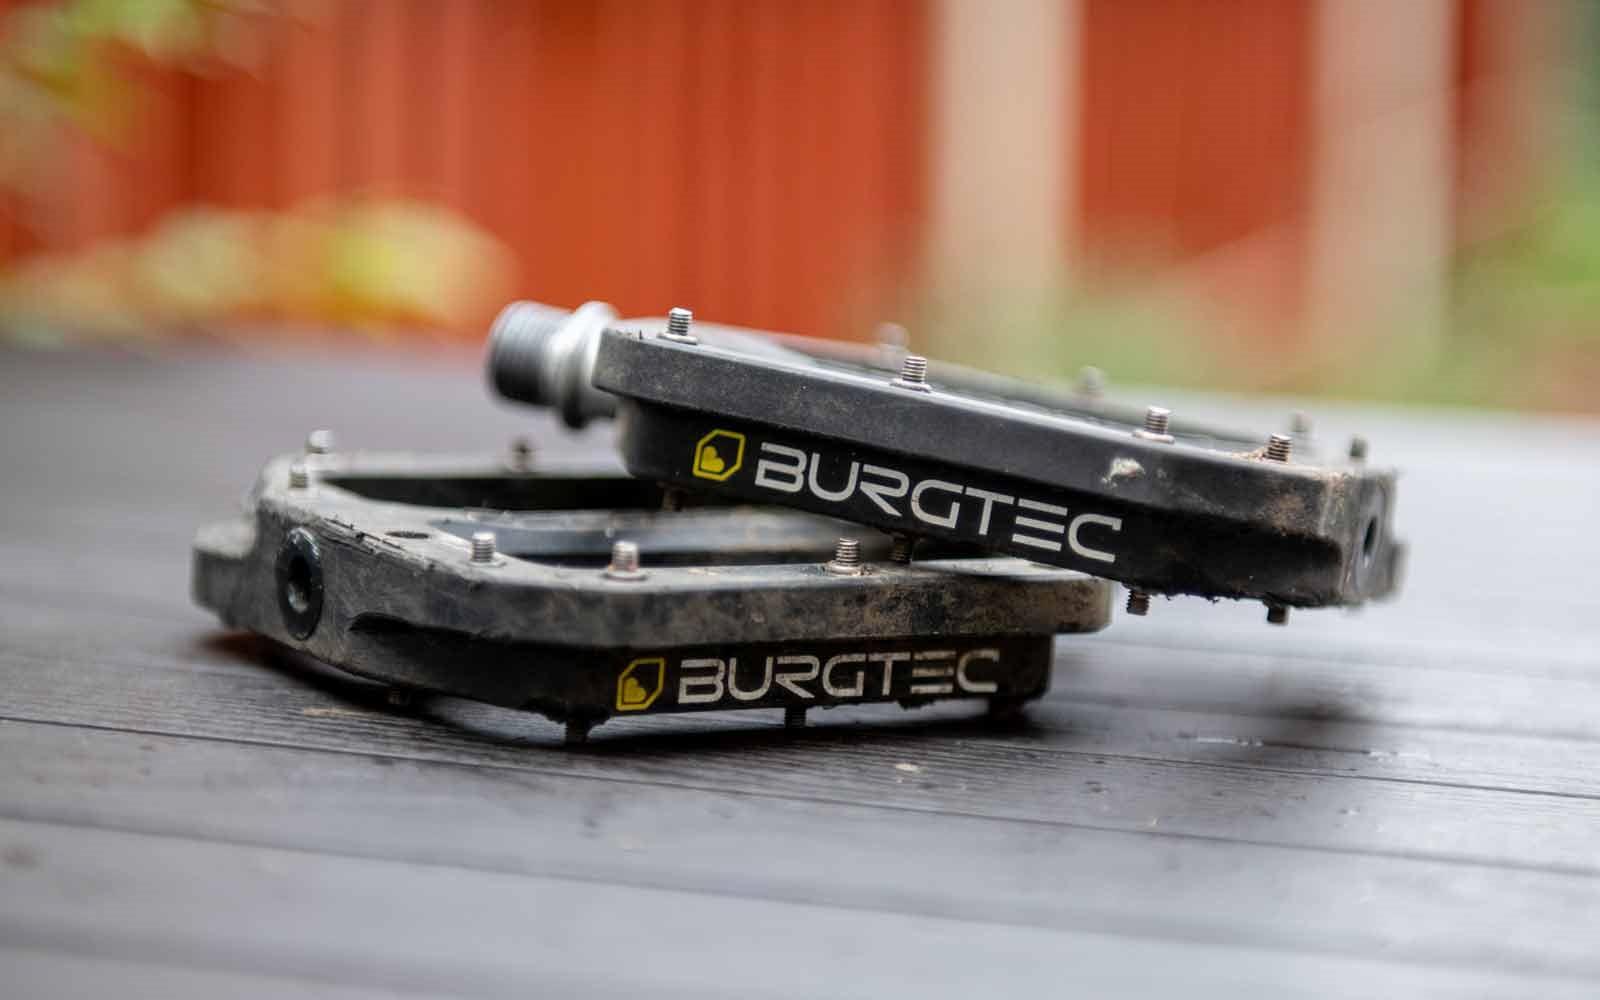 Burgtec-Stumpjumper-5